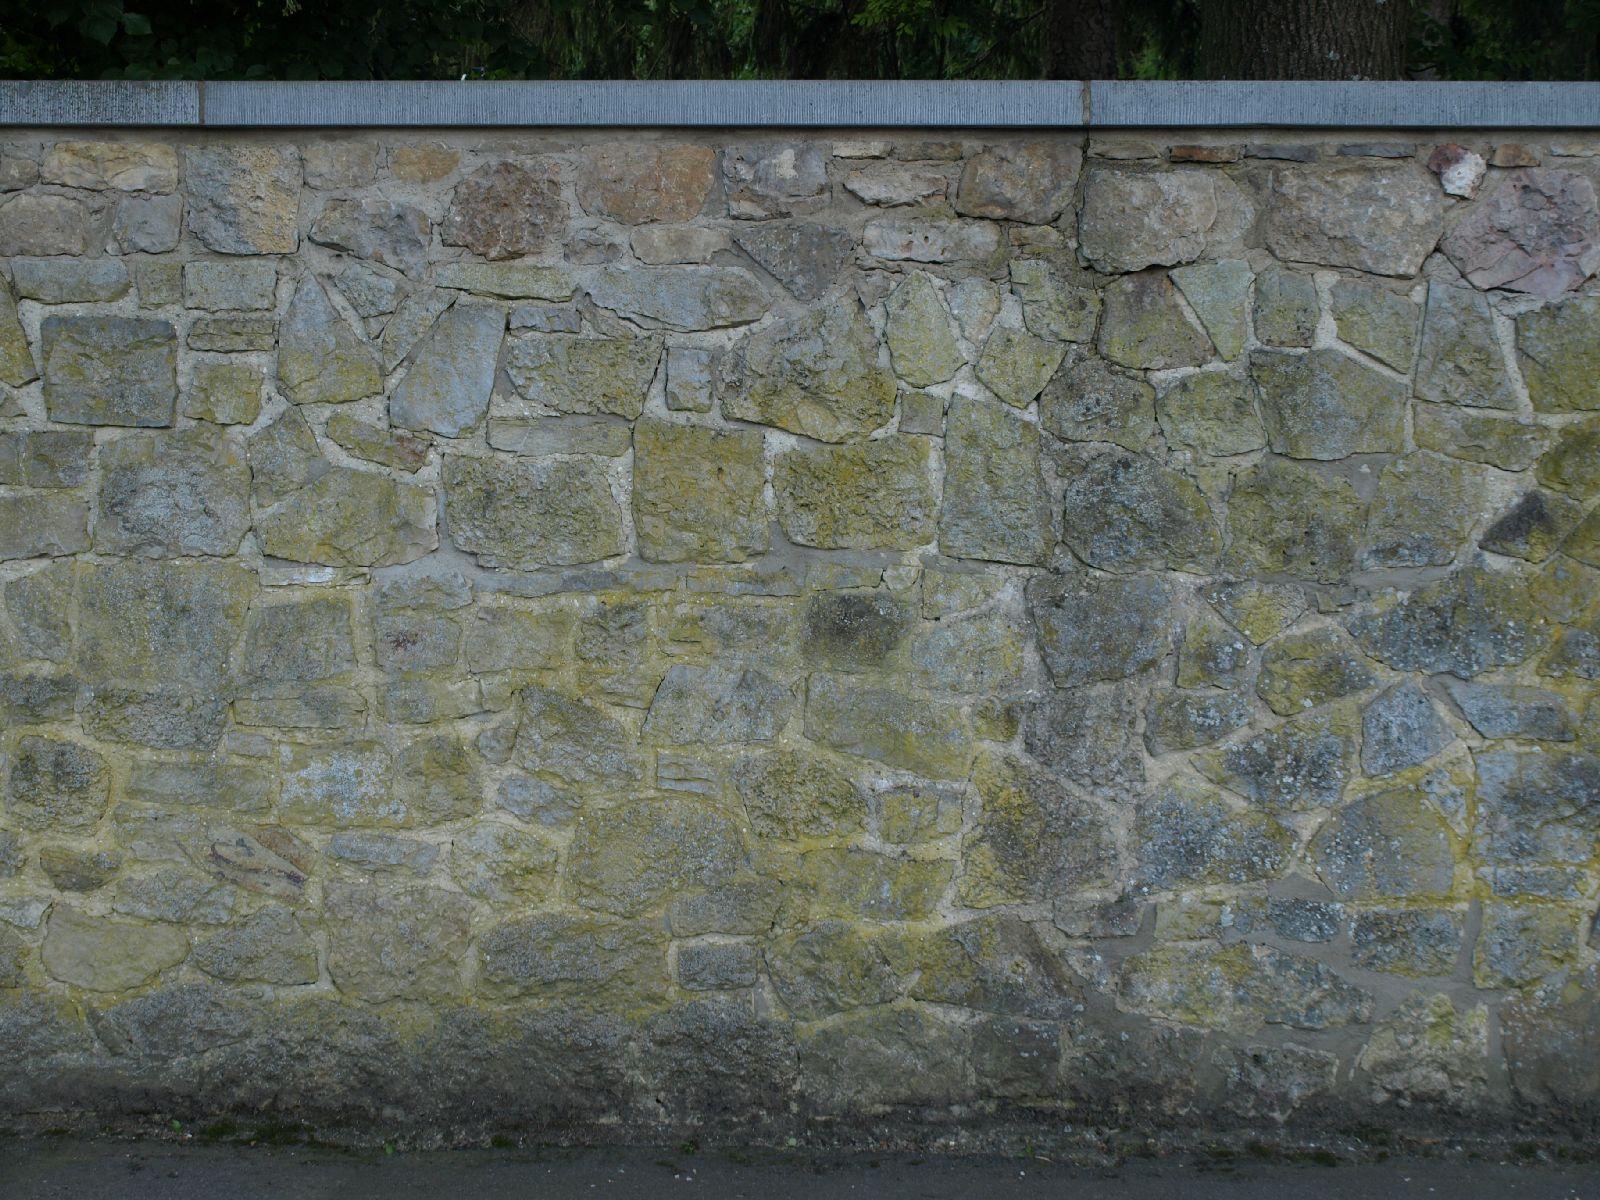 Brick_Texture_A_P8154280